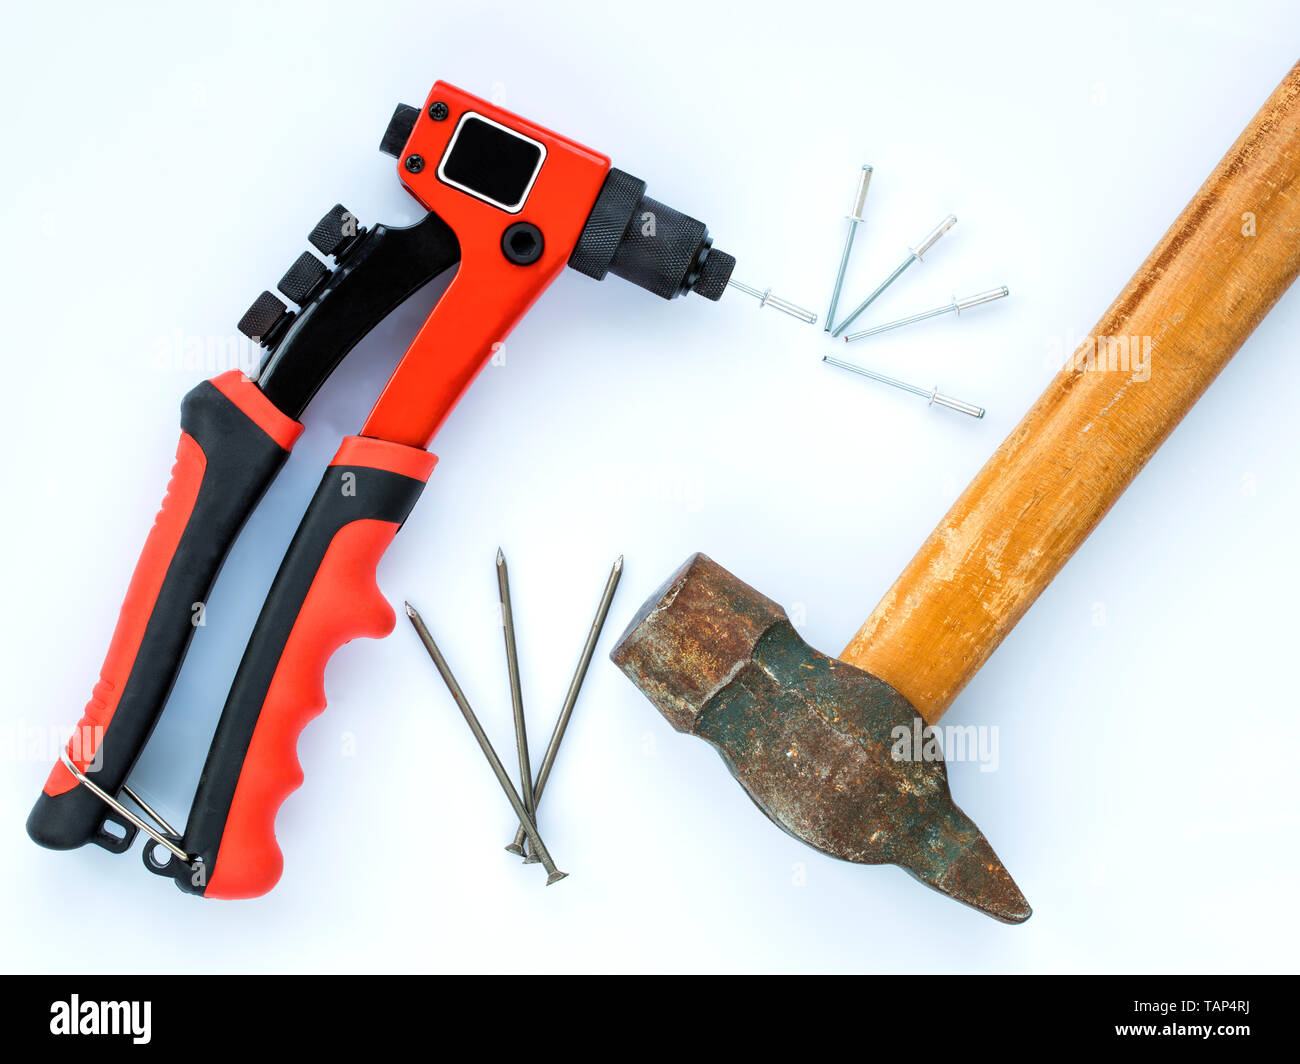 Eine alte Hammer mit einem hölzernen Handgriff und ein paar Nägel gegen neue Niet Pistole und ein paar Nieten Stockbild